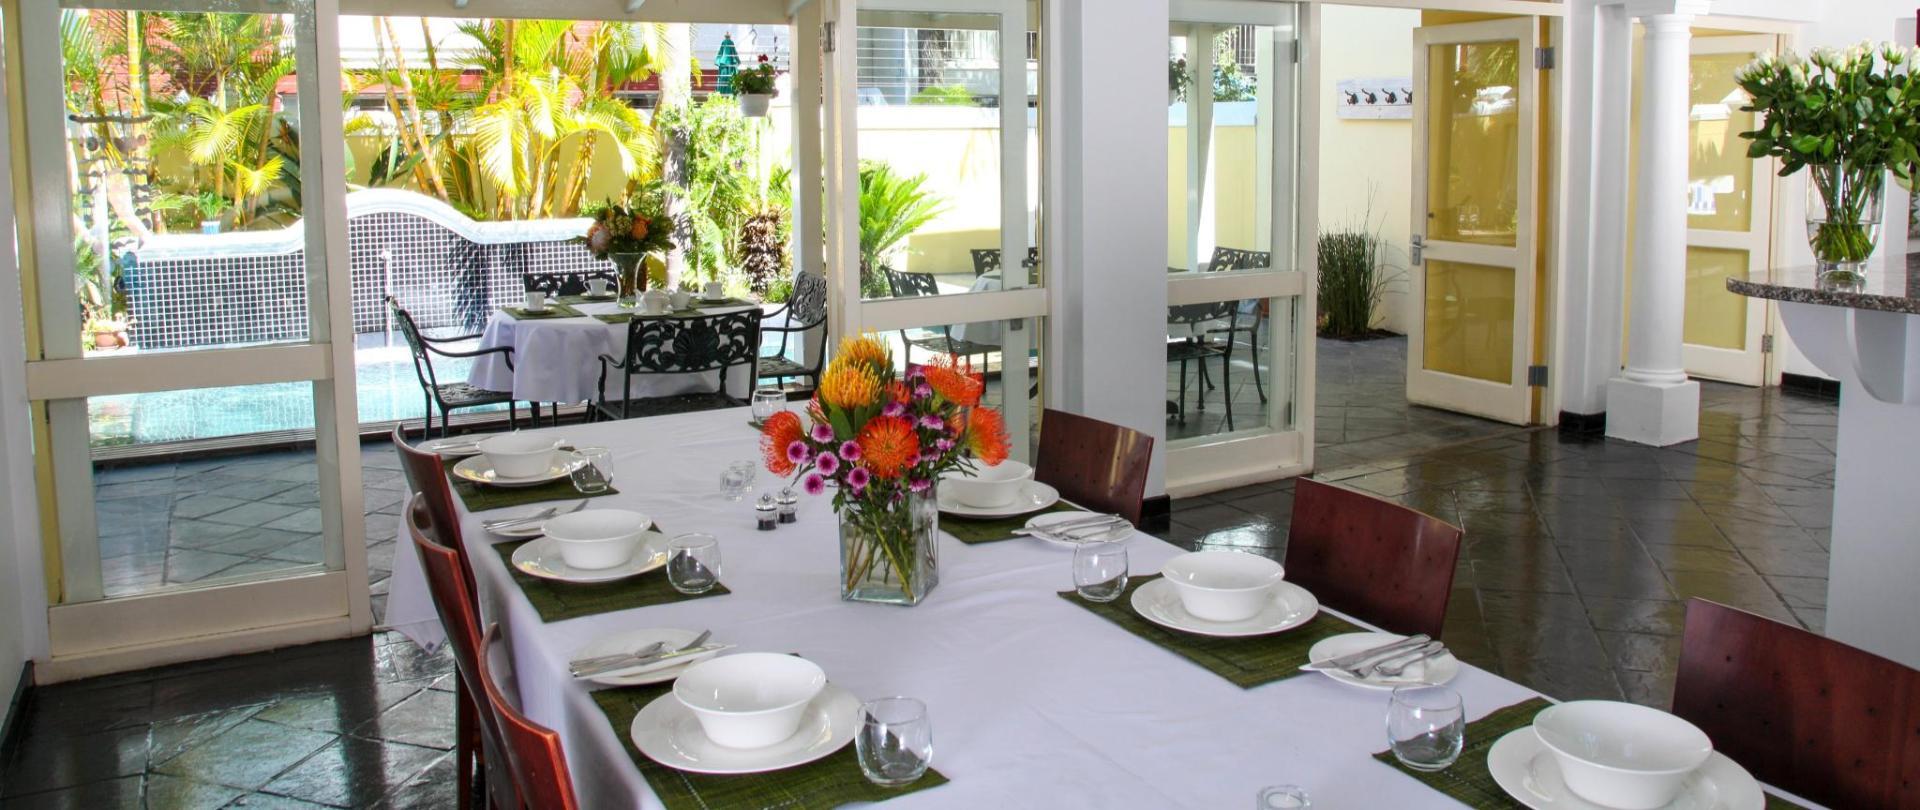 Hunneyball House Stellenbosch Guesthouse (36).jpg